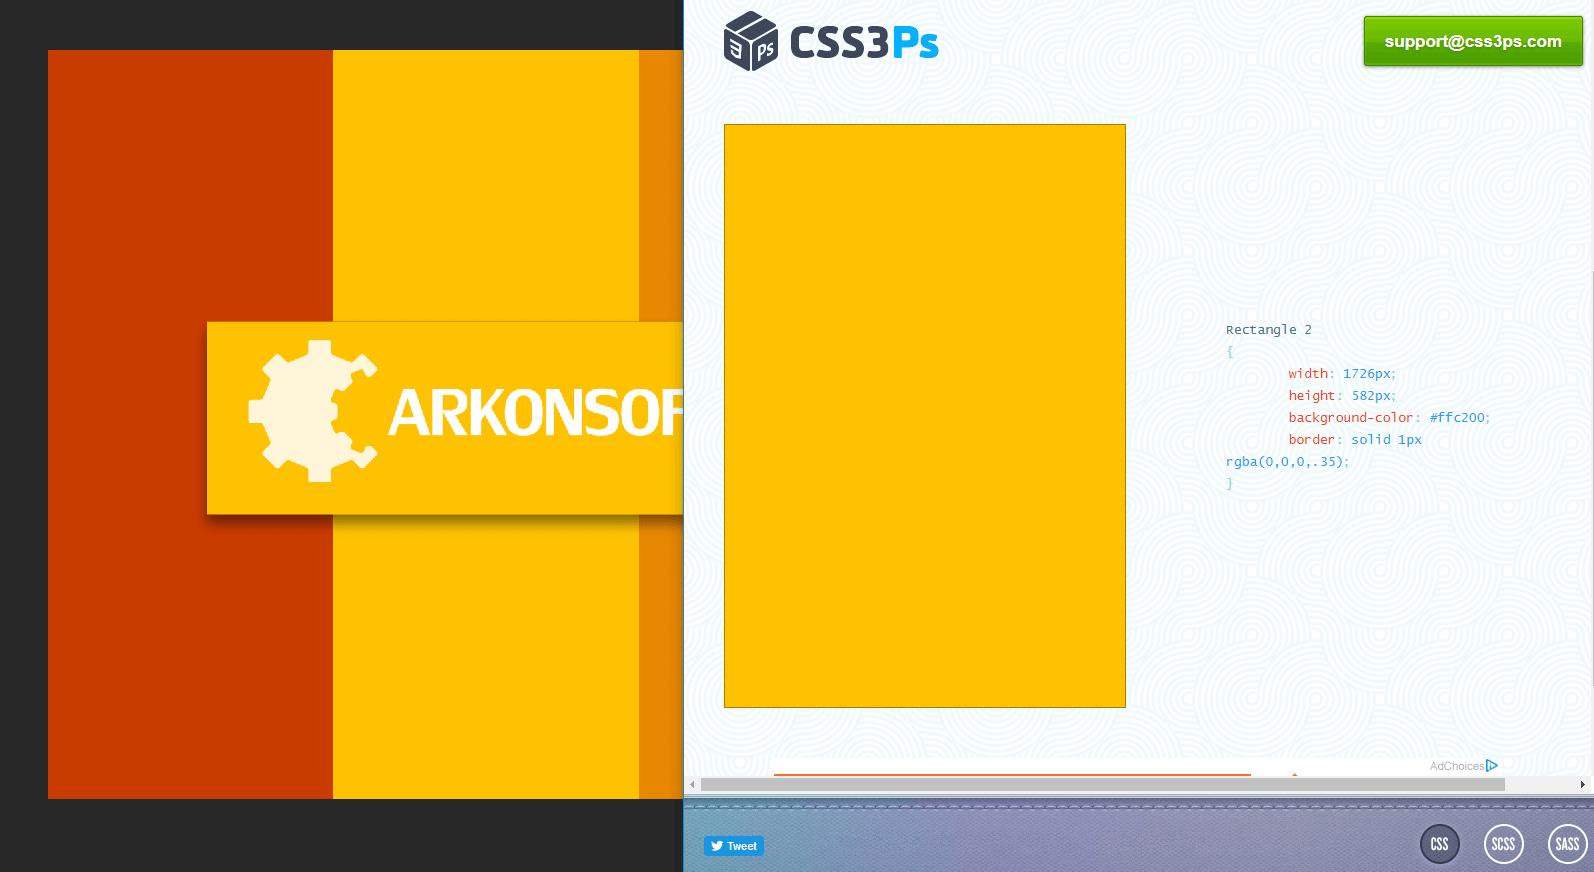 Darmowe wtyczki do Photoshopa - CSS3Ps